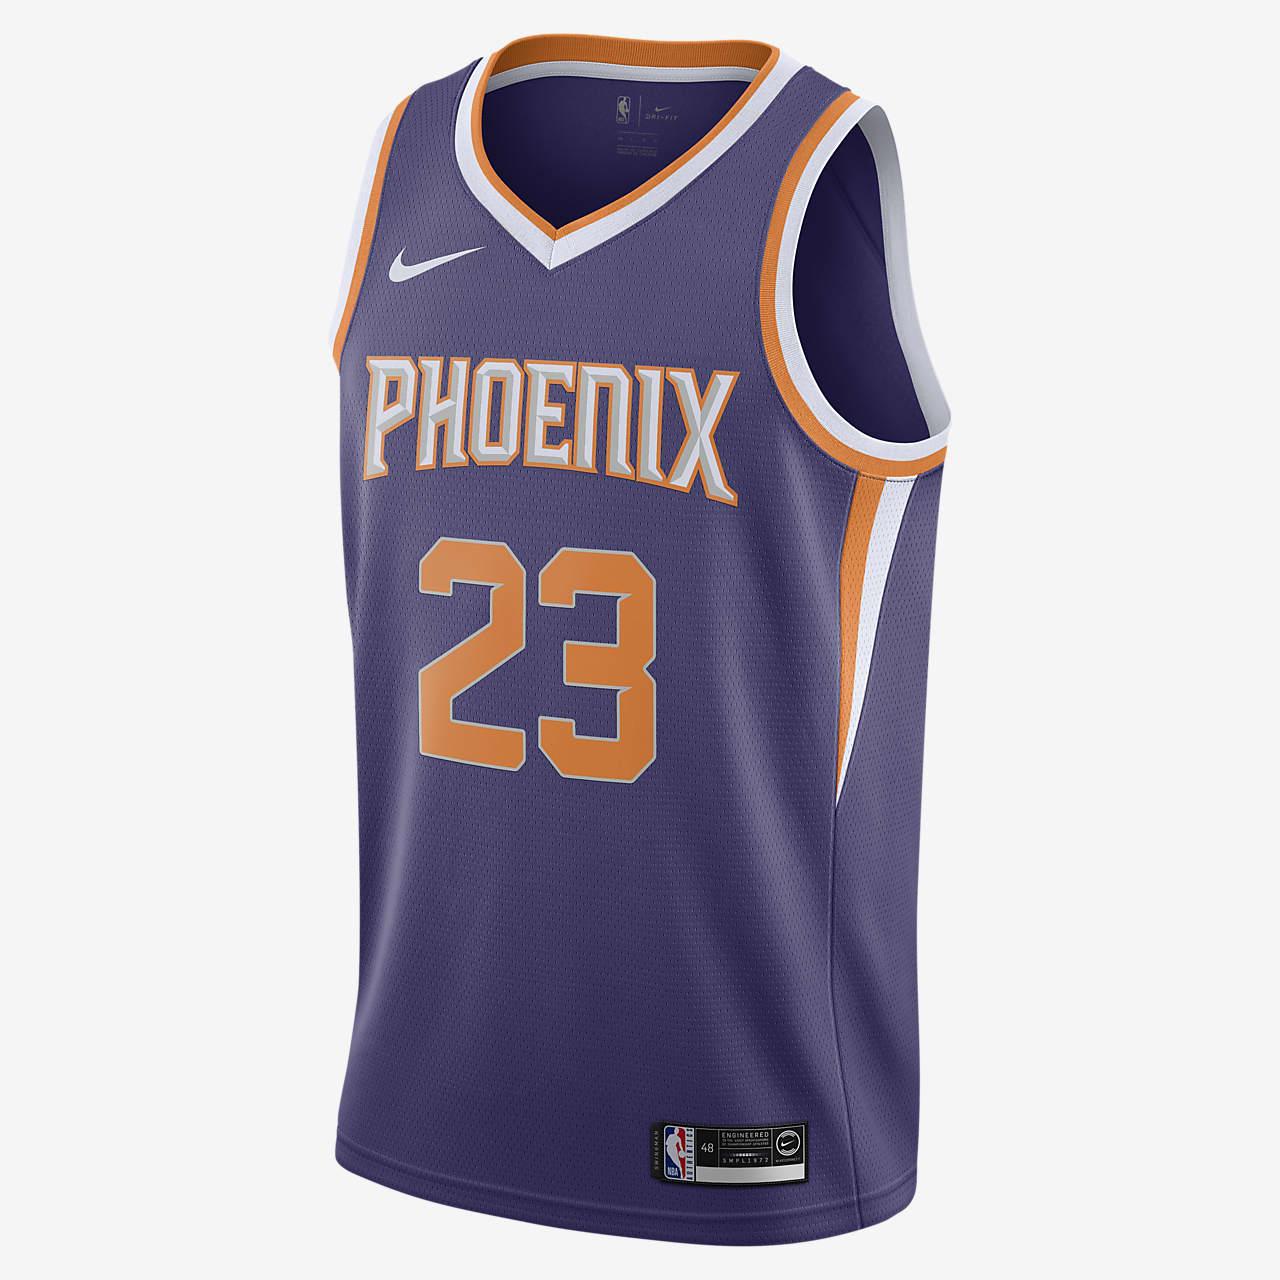 phoenix suns jersey nike